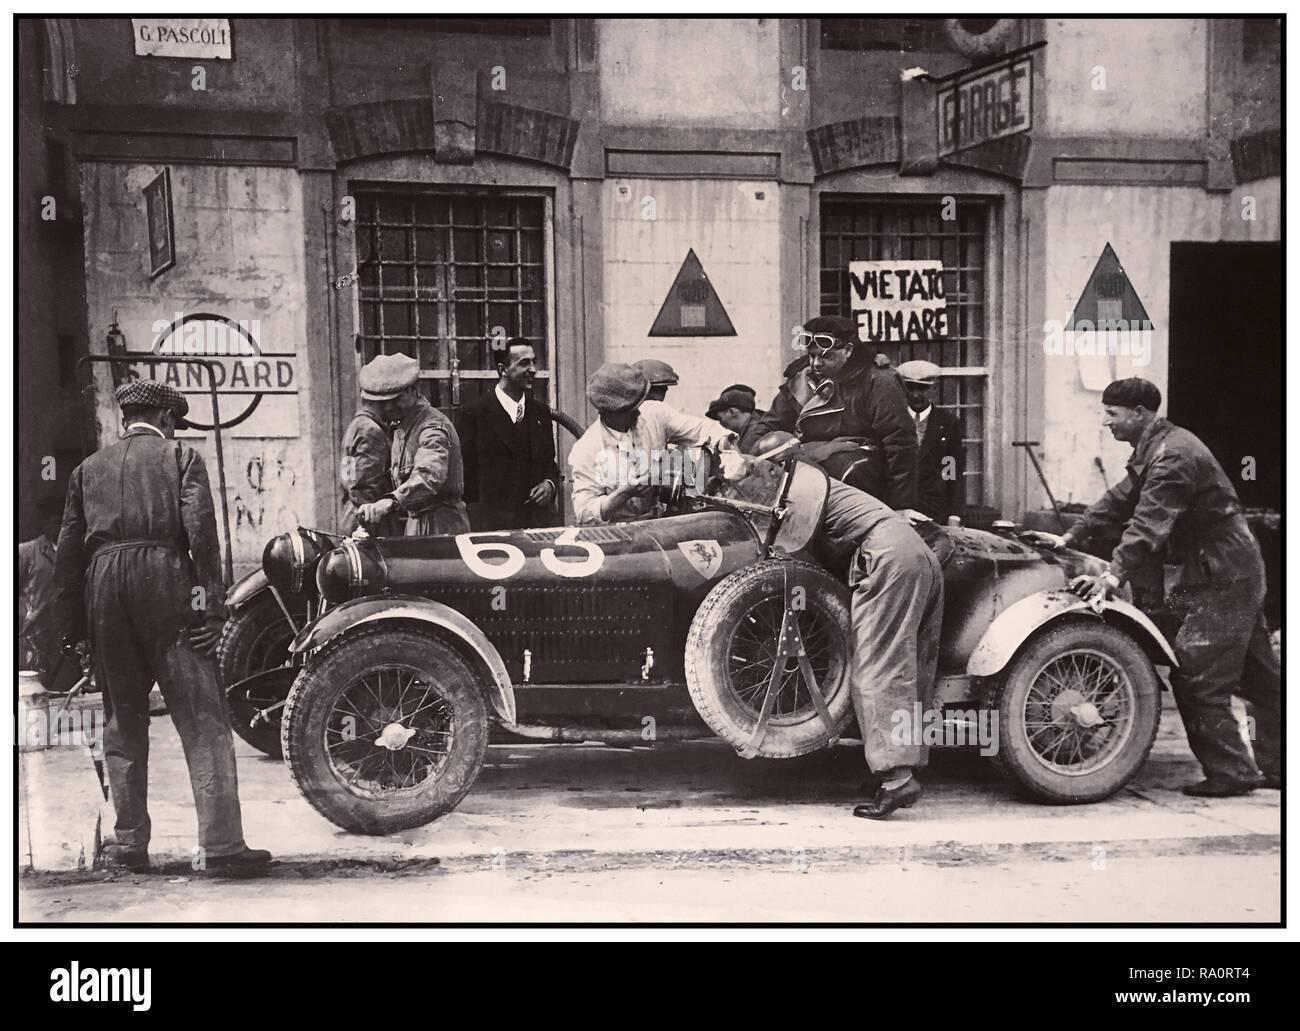 Jahrgang 1932 Mille Miglia italienische Straße Rennen, einen kurzen Boxenstopp für Nummer 63 Alfa Romeo 6C 1500 Spider SStf Zagato Eingetragen von Scuderia Ferrari und beendete das Rennen auf Platz 6. Die Mille Miglia (1000 Miglia) war eine offene Straße, motorsport Rennen, die in Italien 20 nahm - vier mal von 1927 bis 1957. Stockbild